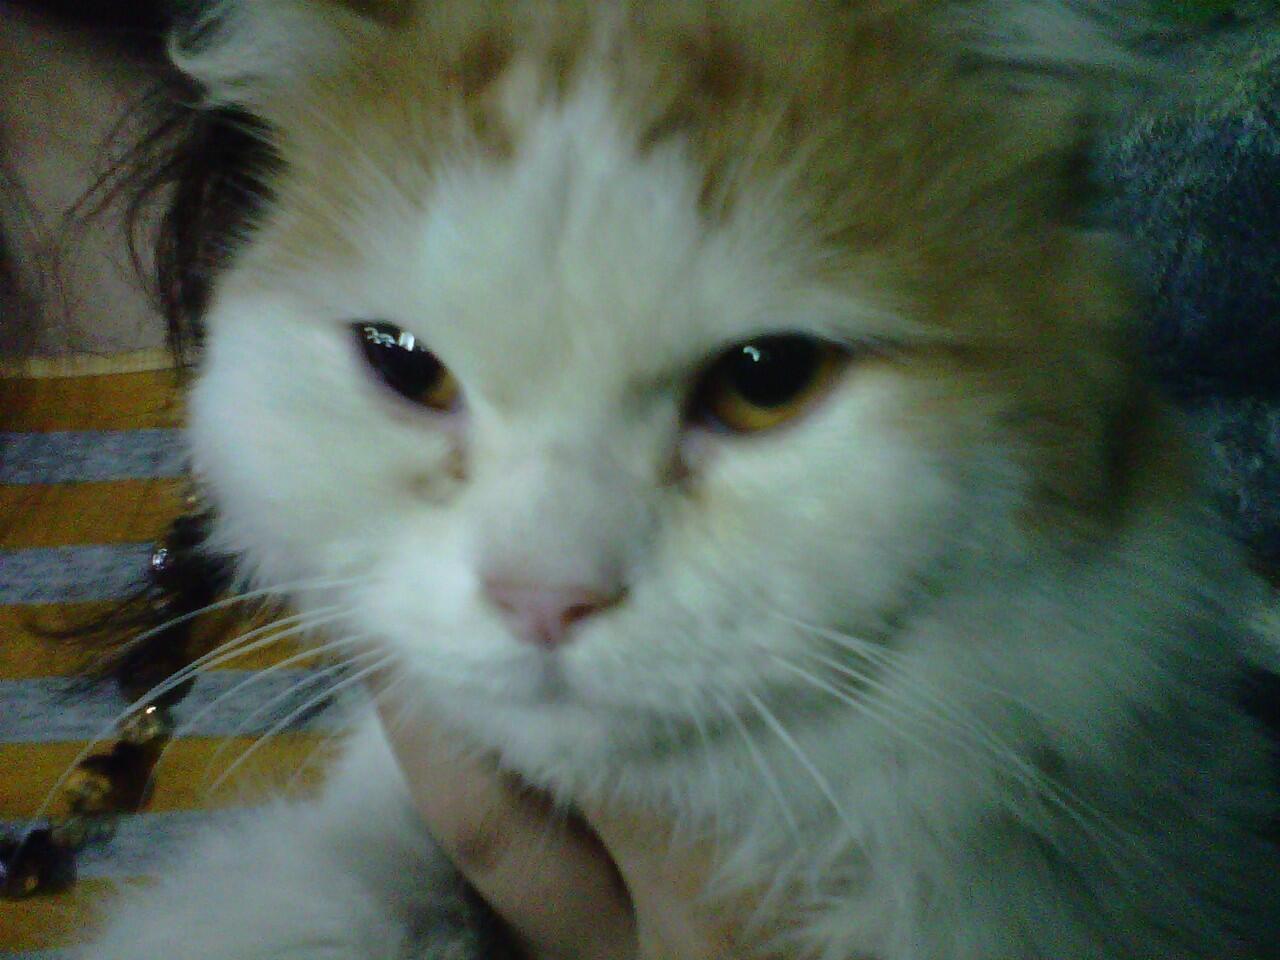 Jual Kucing Persia Medium Usia 7 Bulan+Kandangnya